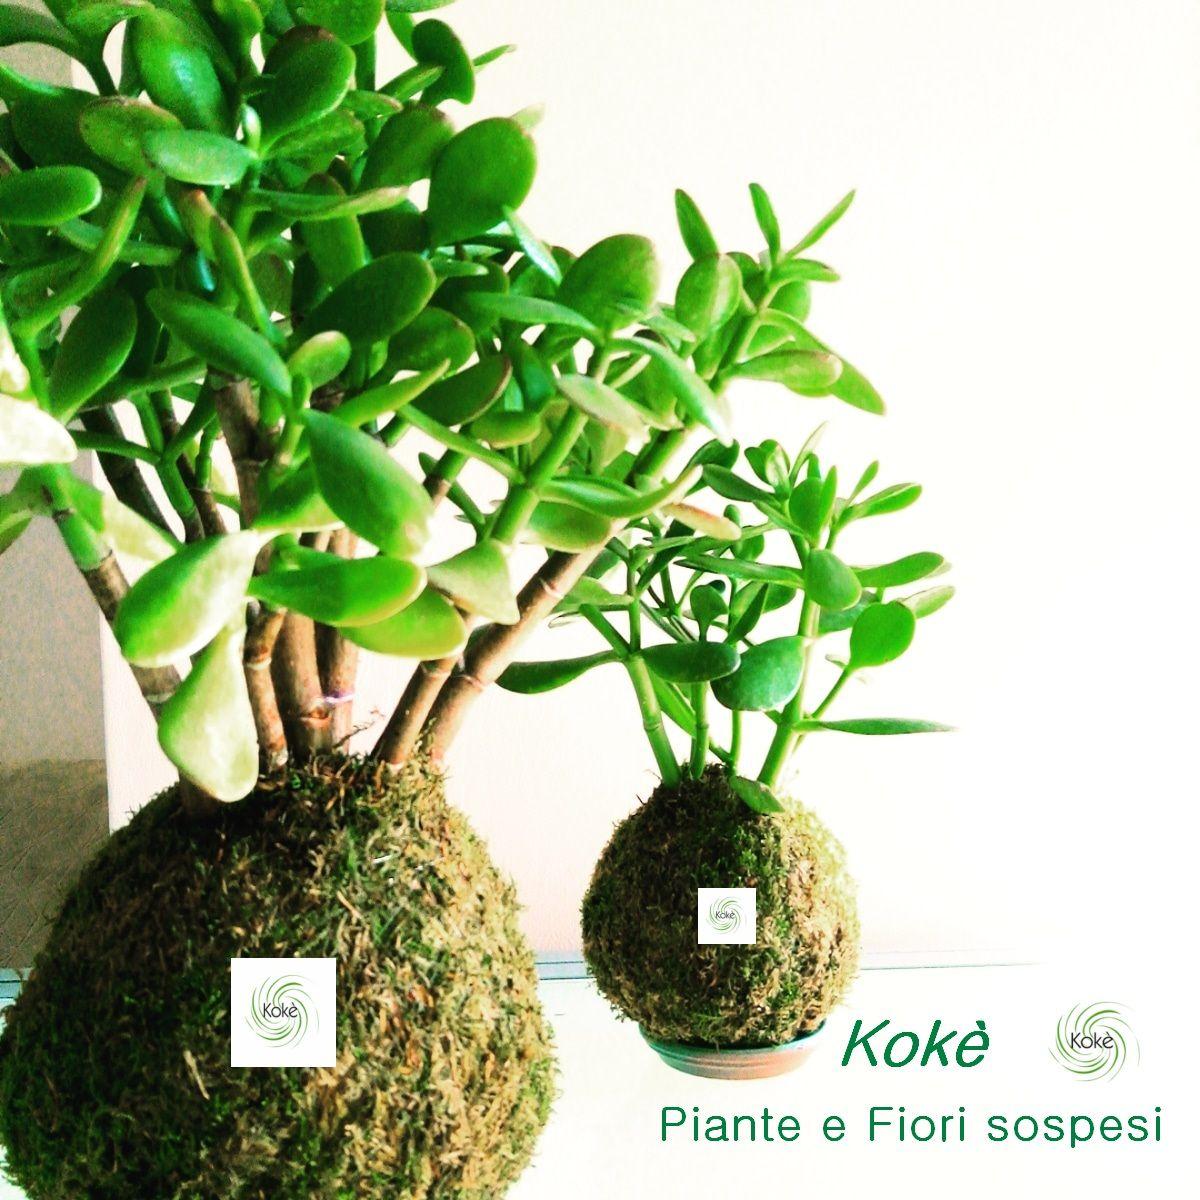 Immagini Piante E Fiori kokedama kokè piante e fiori sospesi scopri l'intera